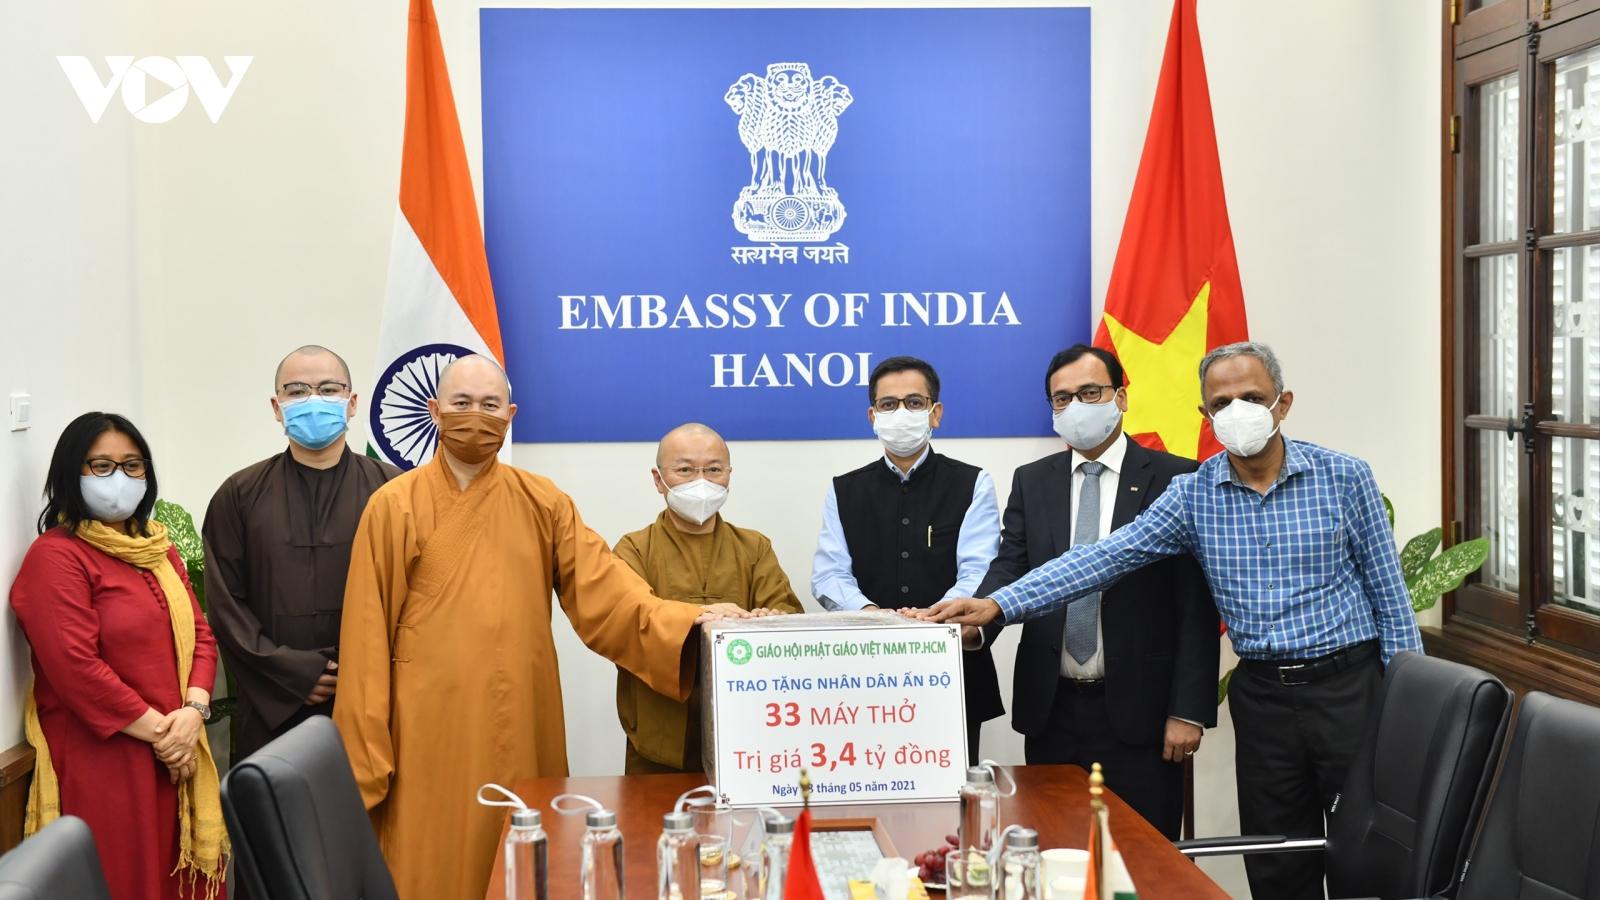 Giáo hội Phật giáo TPHCM trao tặng 33 máy thở trị giá 3,4 tỷ đồng ủng hộ nhân dân Ấn Độ